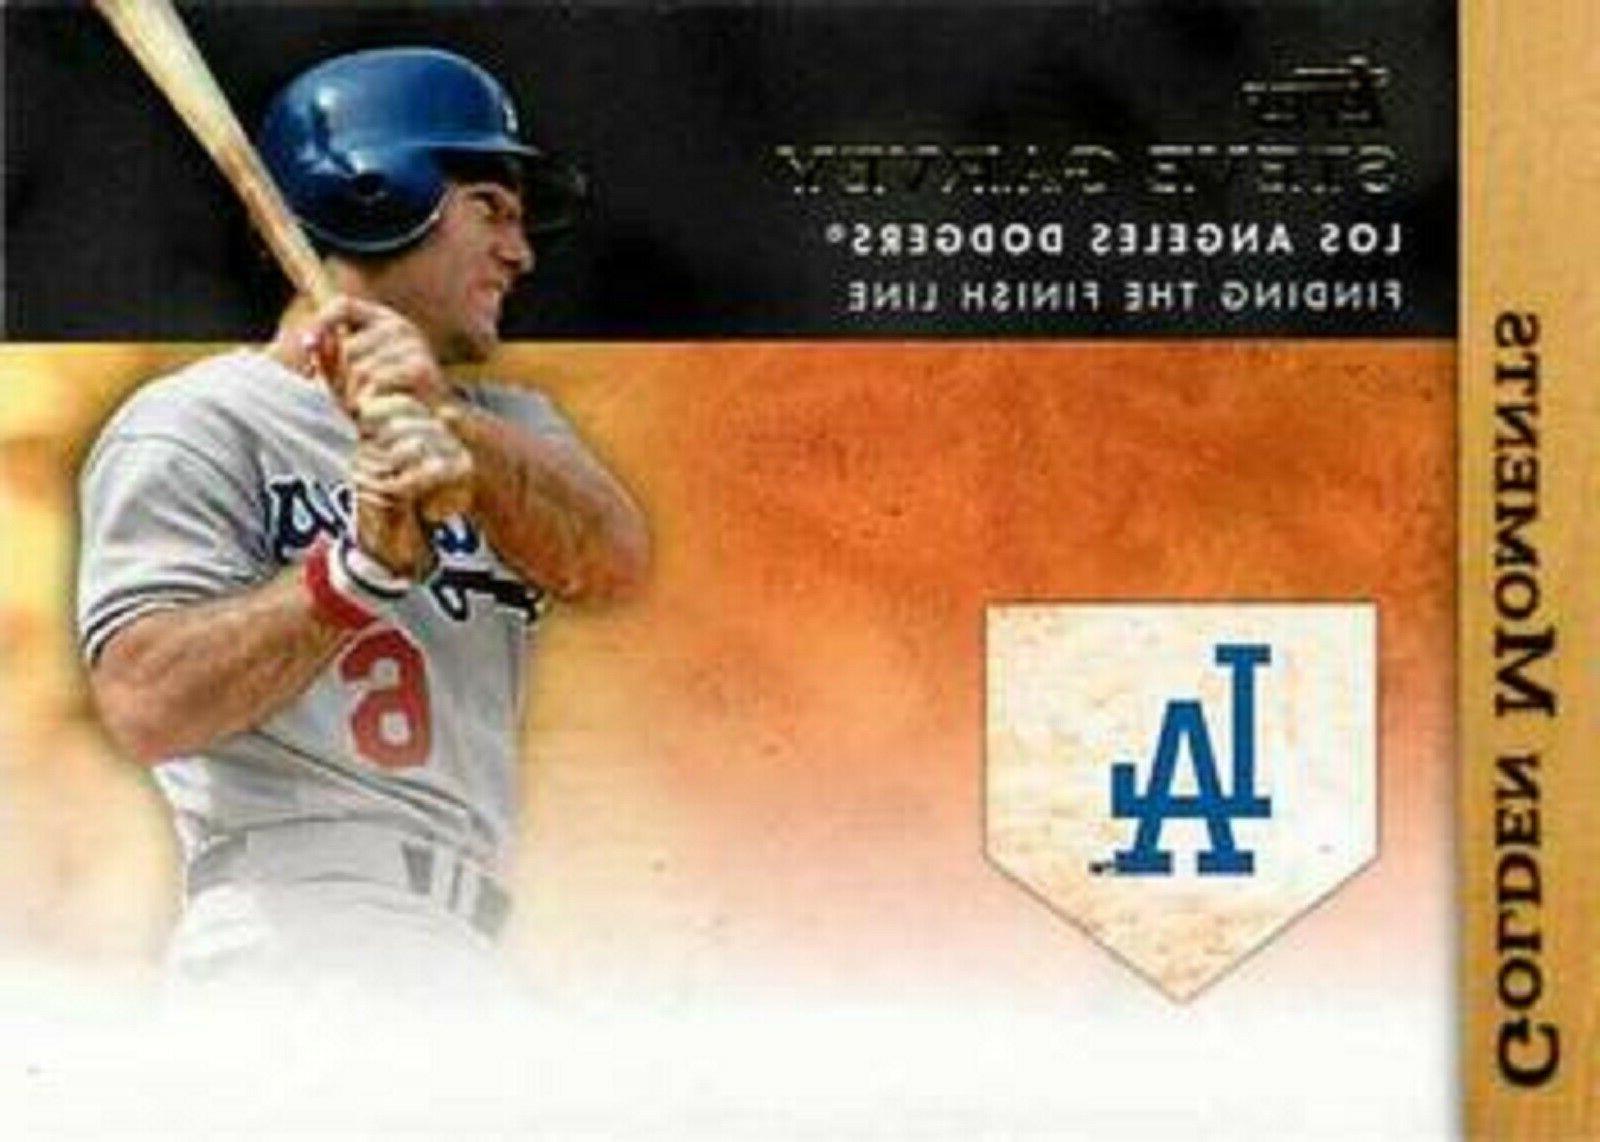 2012 topps golden moments series 2 insert